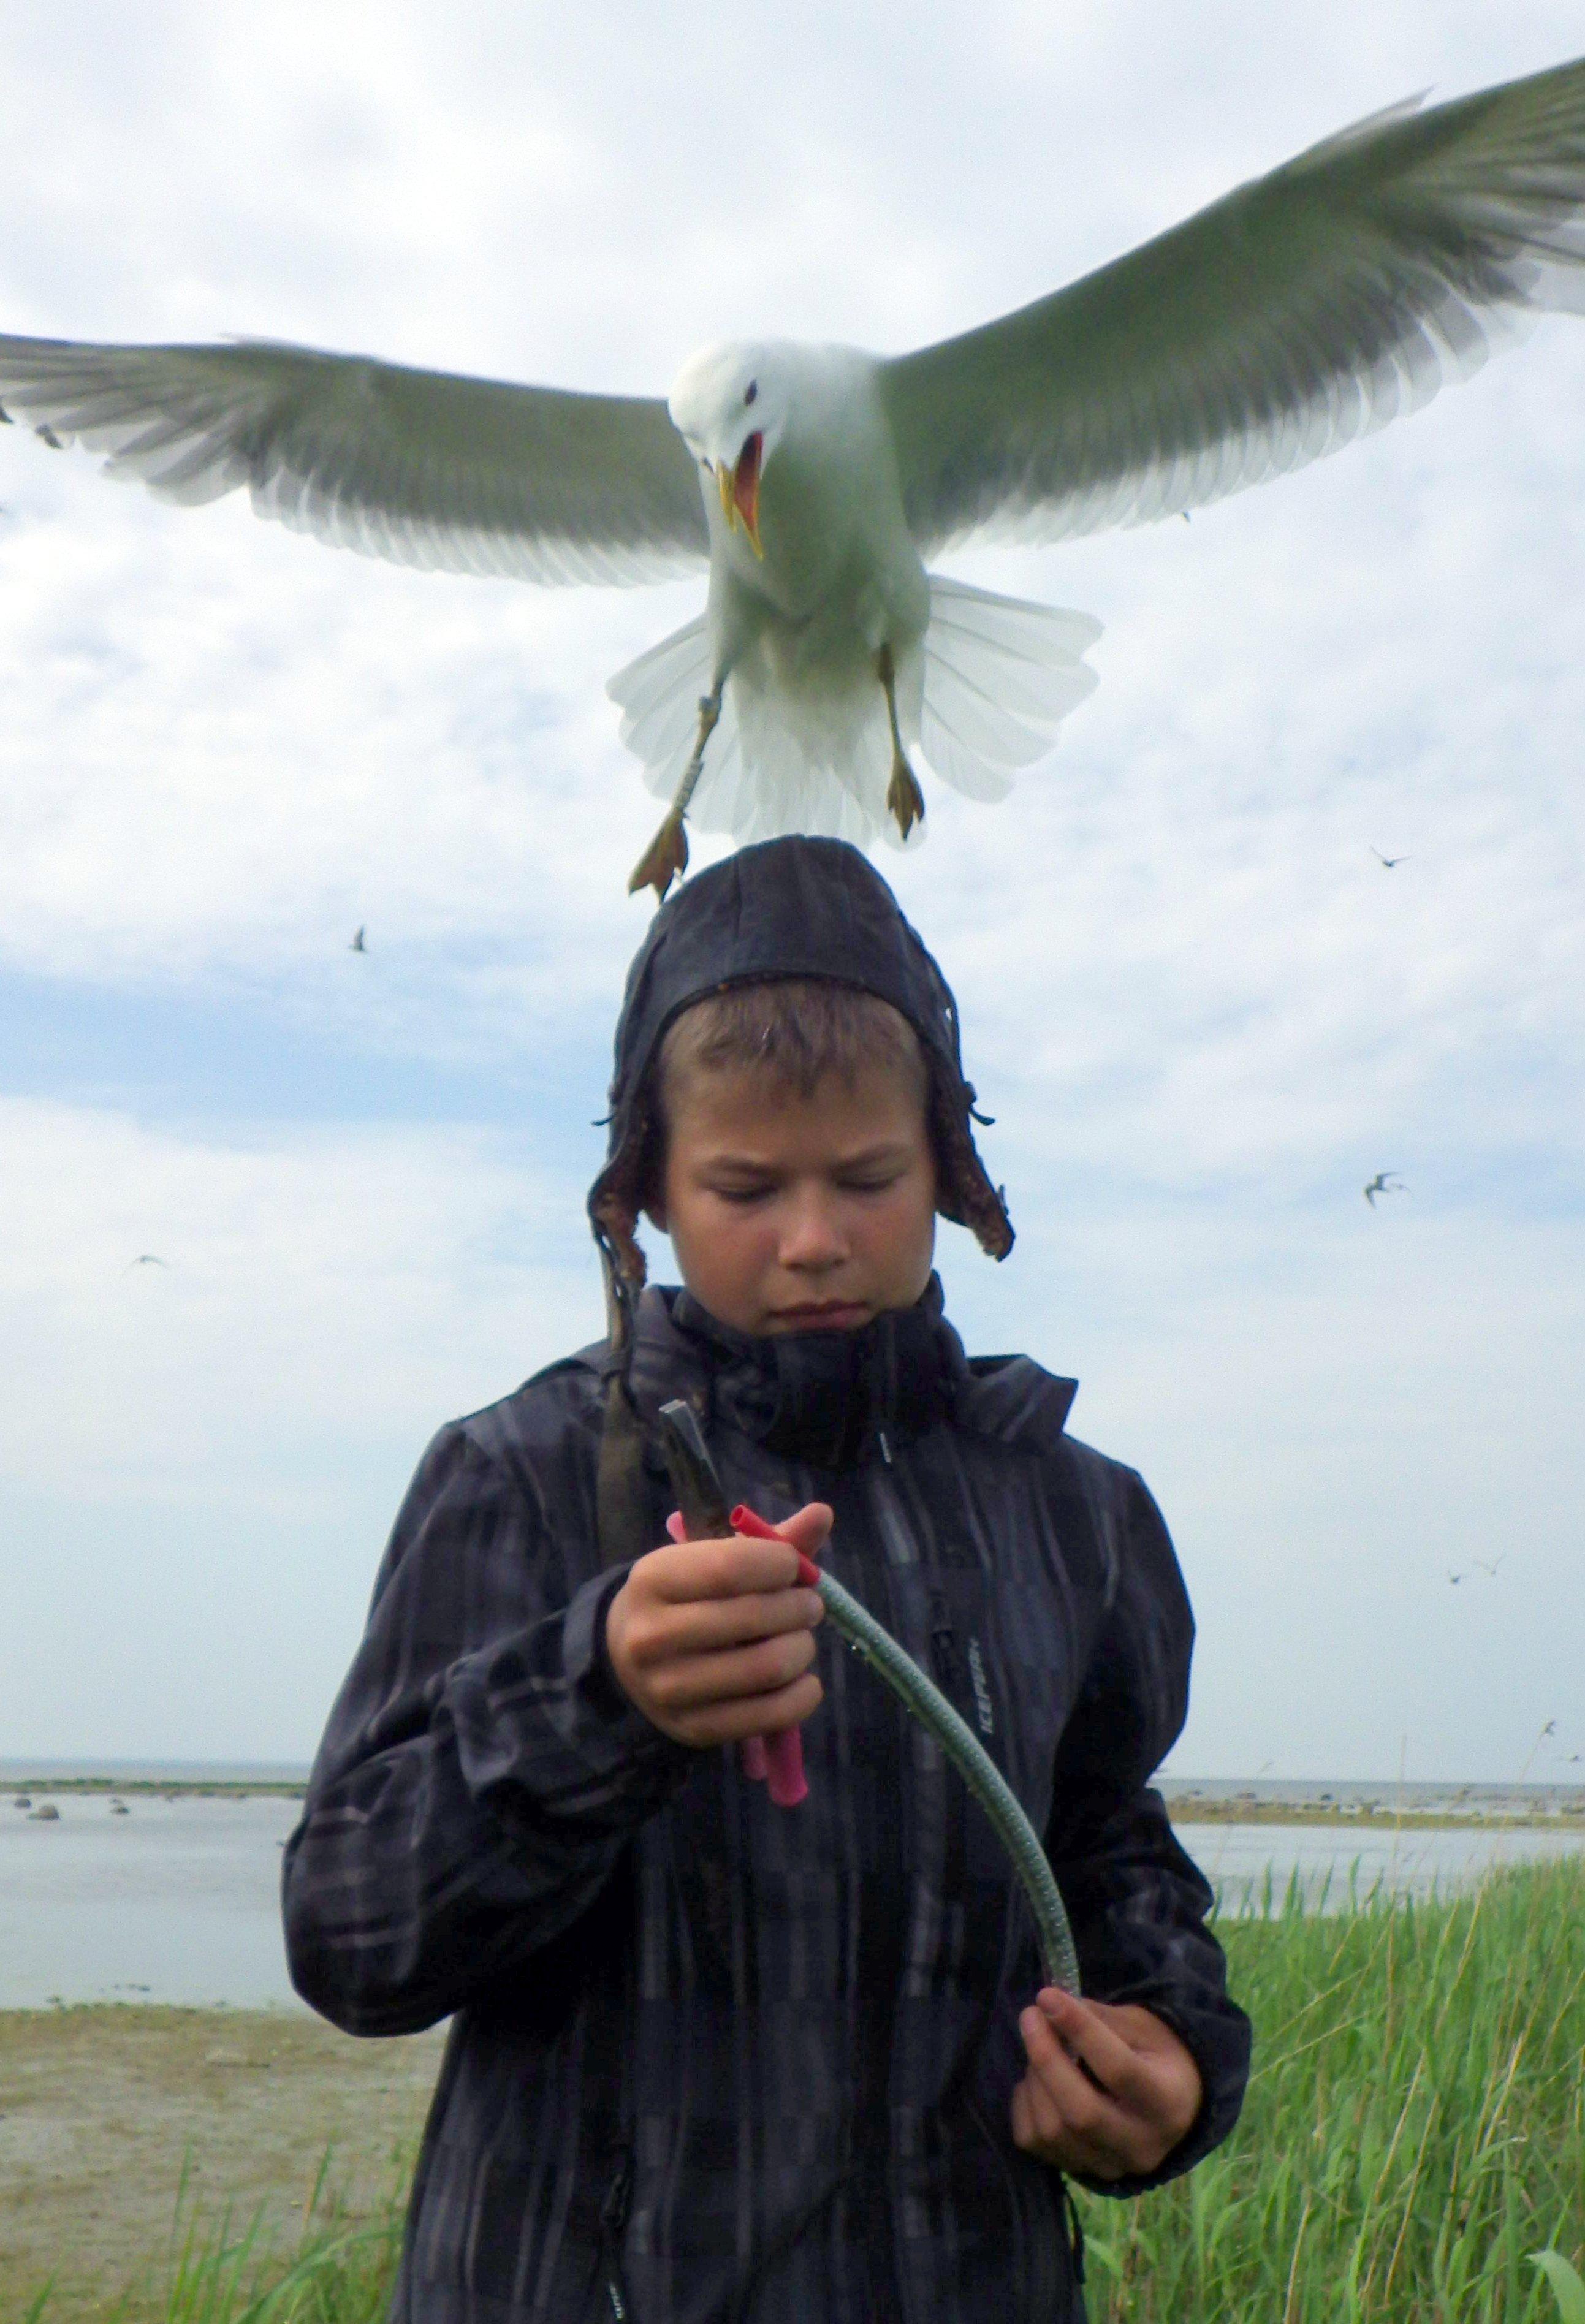 Budding ornithologist